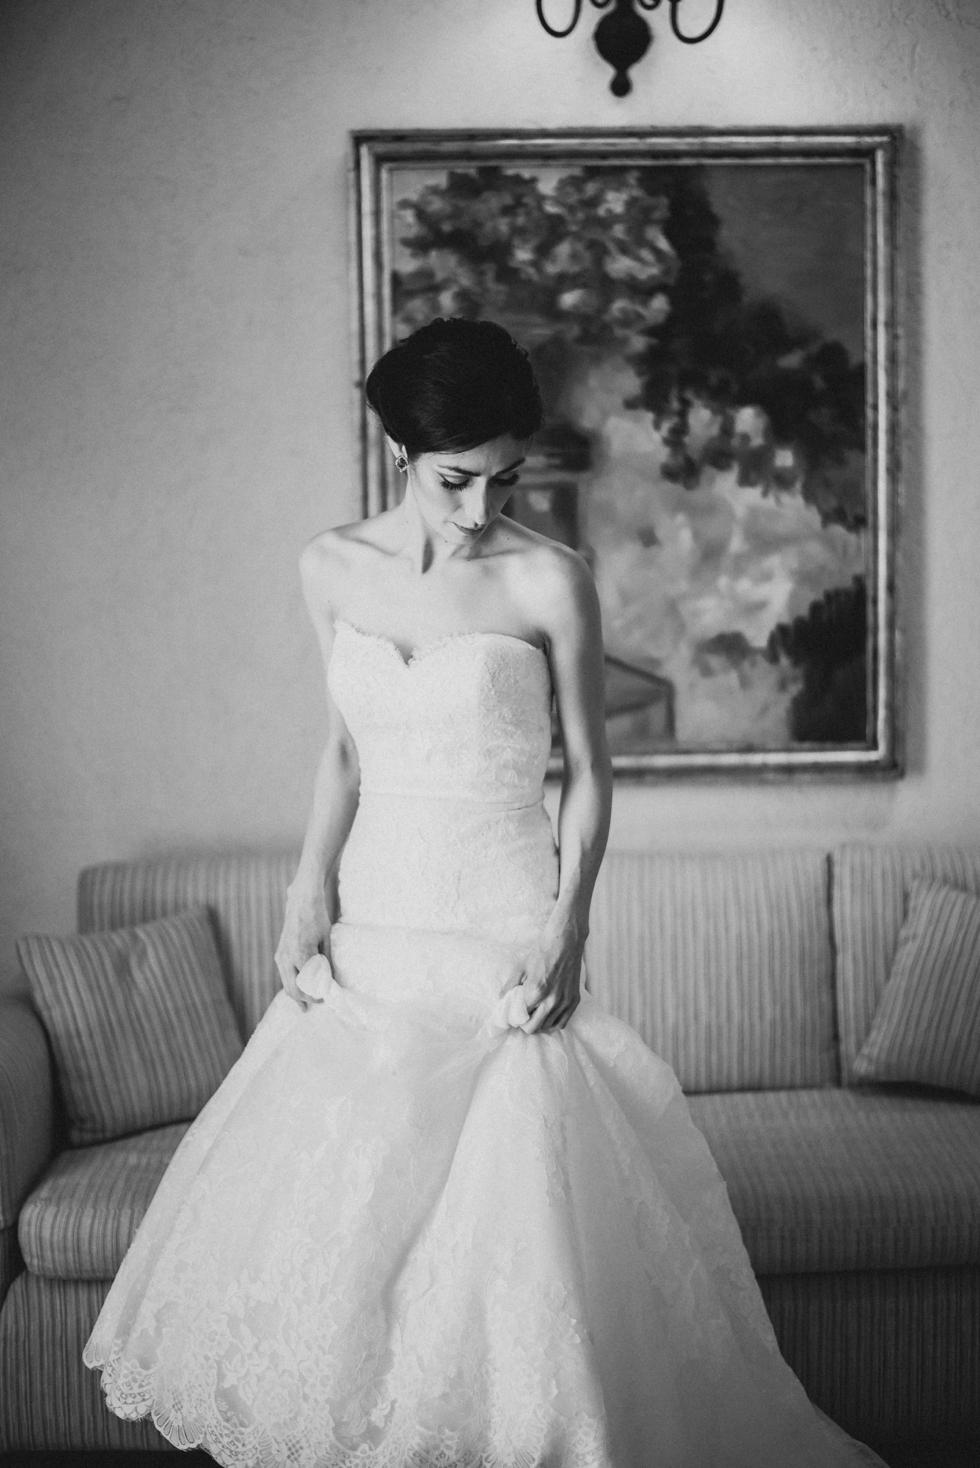 weddingdreams-fotografos_profesionales_de_bodas_1362.jpg